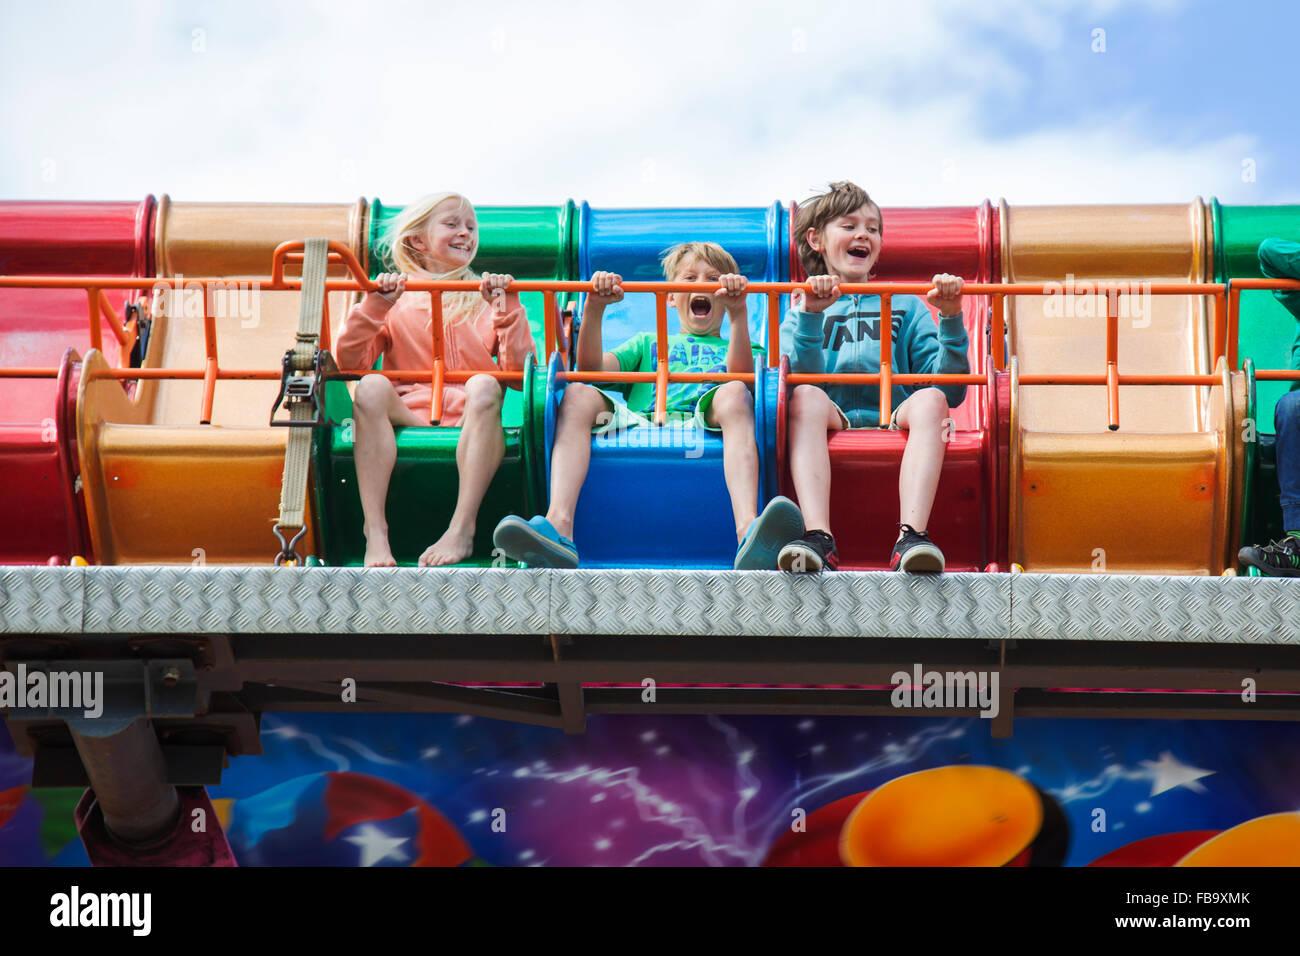 La Suède, Skane, Simrishamn, excité les enfants (10-11, 12-13) en amusement park Photo Stock